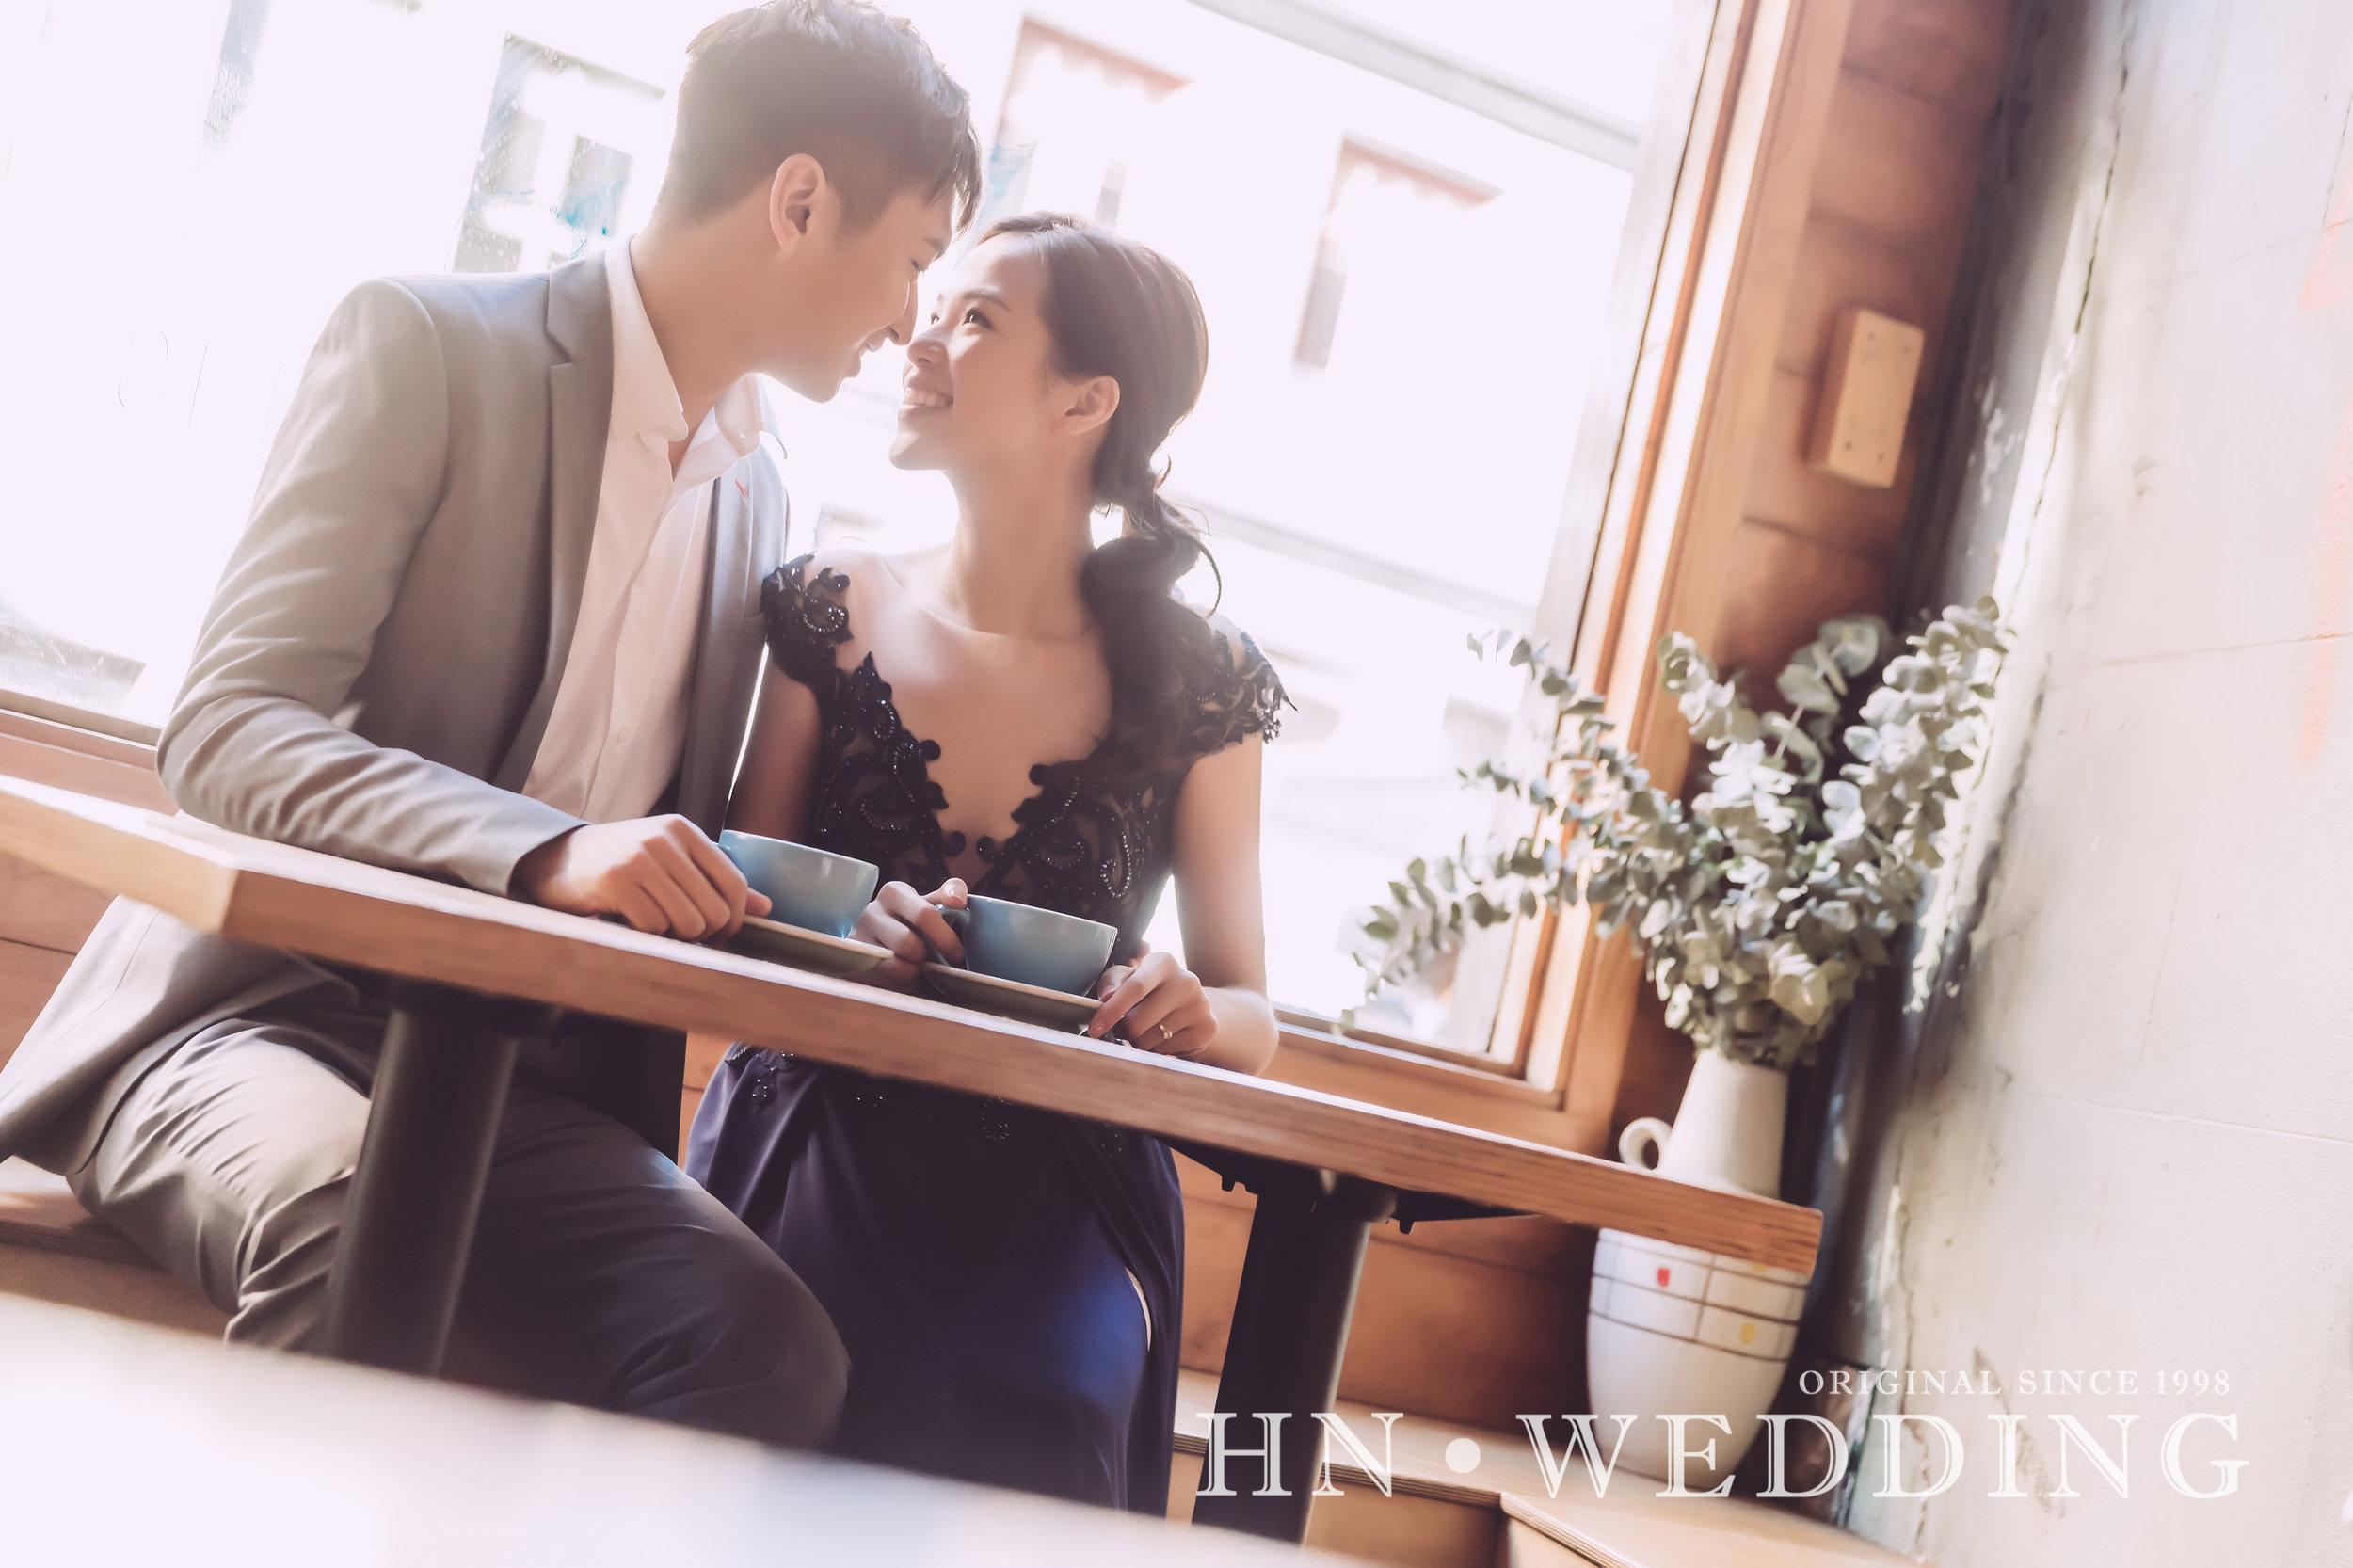 hnweddingprewedding20190220-26.jpg